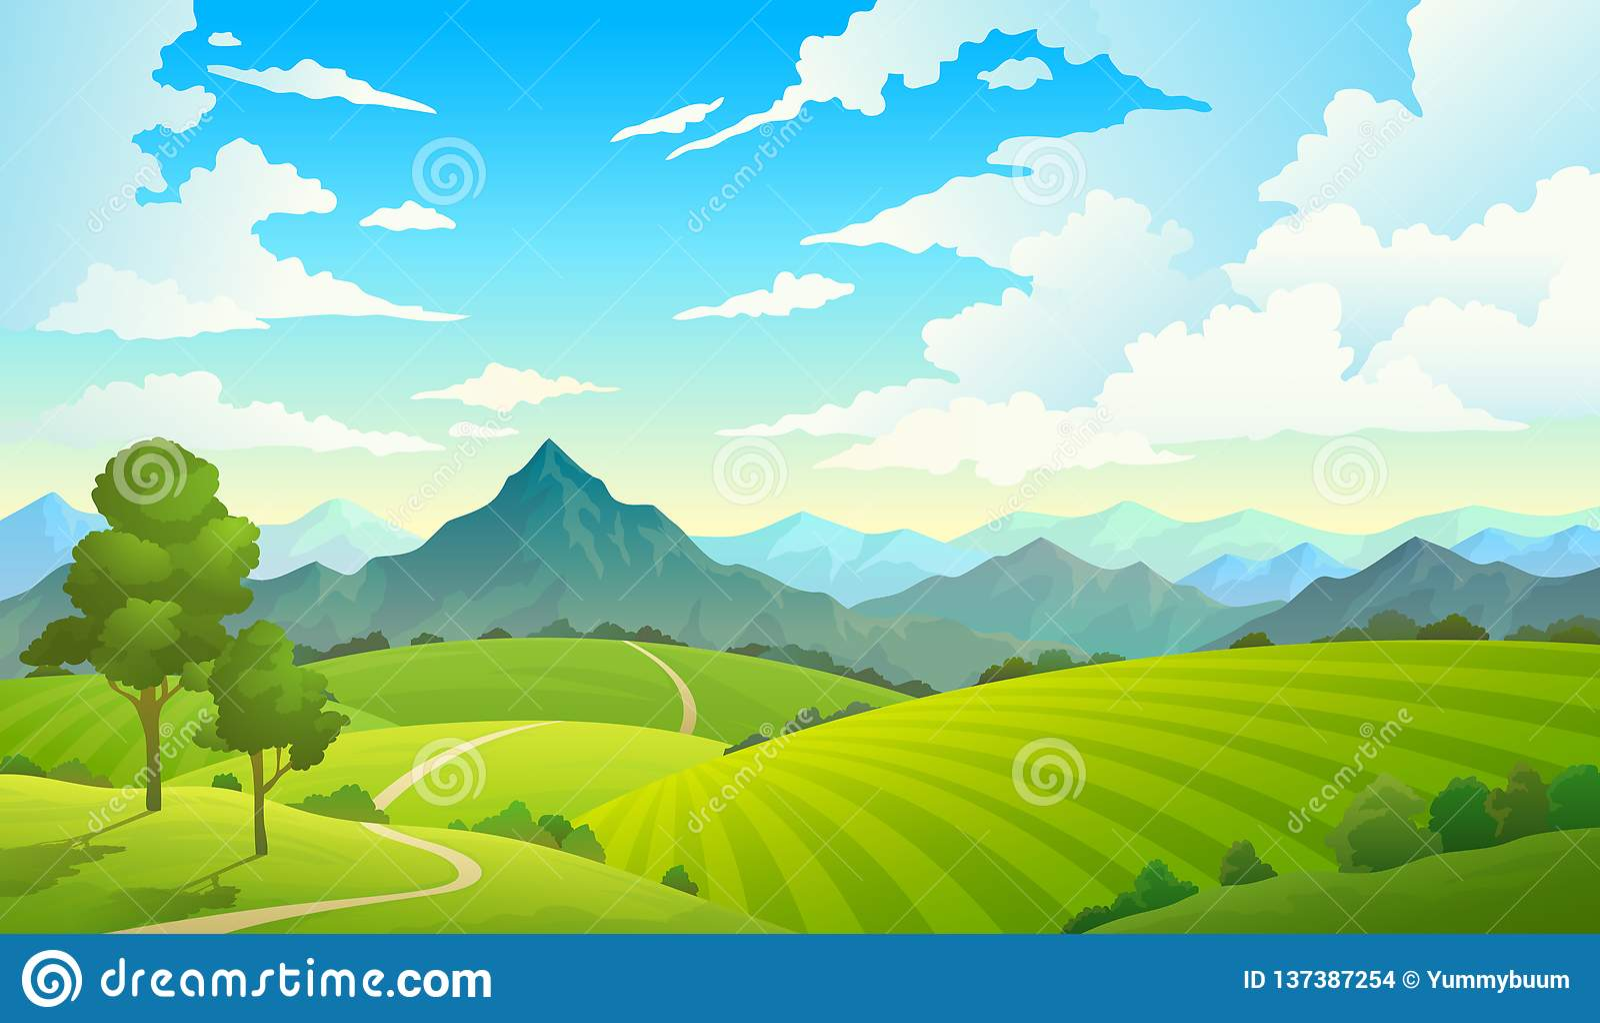 Λιβάδια με τα βουνά Τοπίων λόφων τομέων βουνών εδάφους ουρανού άγριο φύσης δέντρο επαρχίας χλόης δασικό Θερινό έδαφος